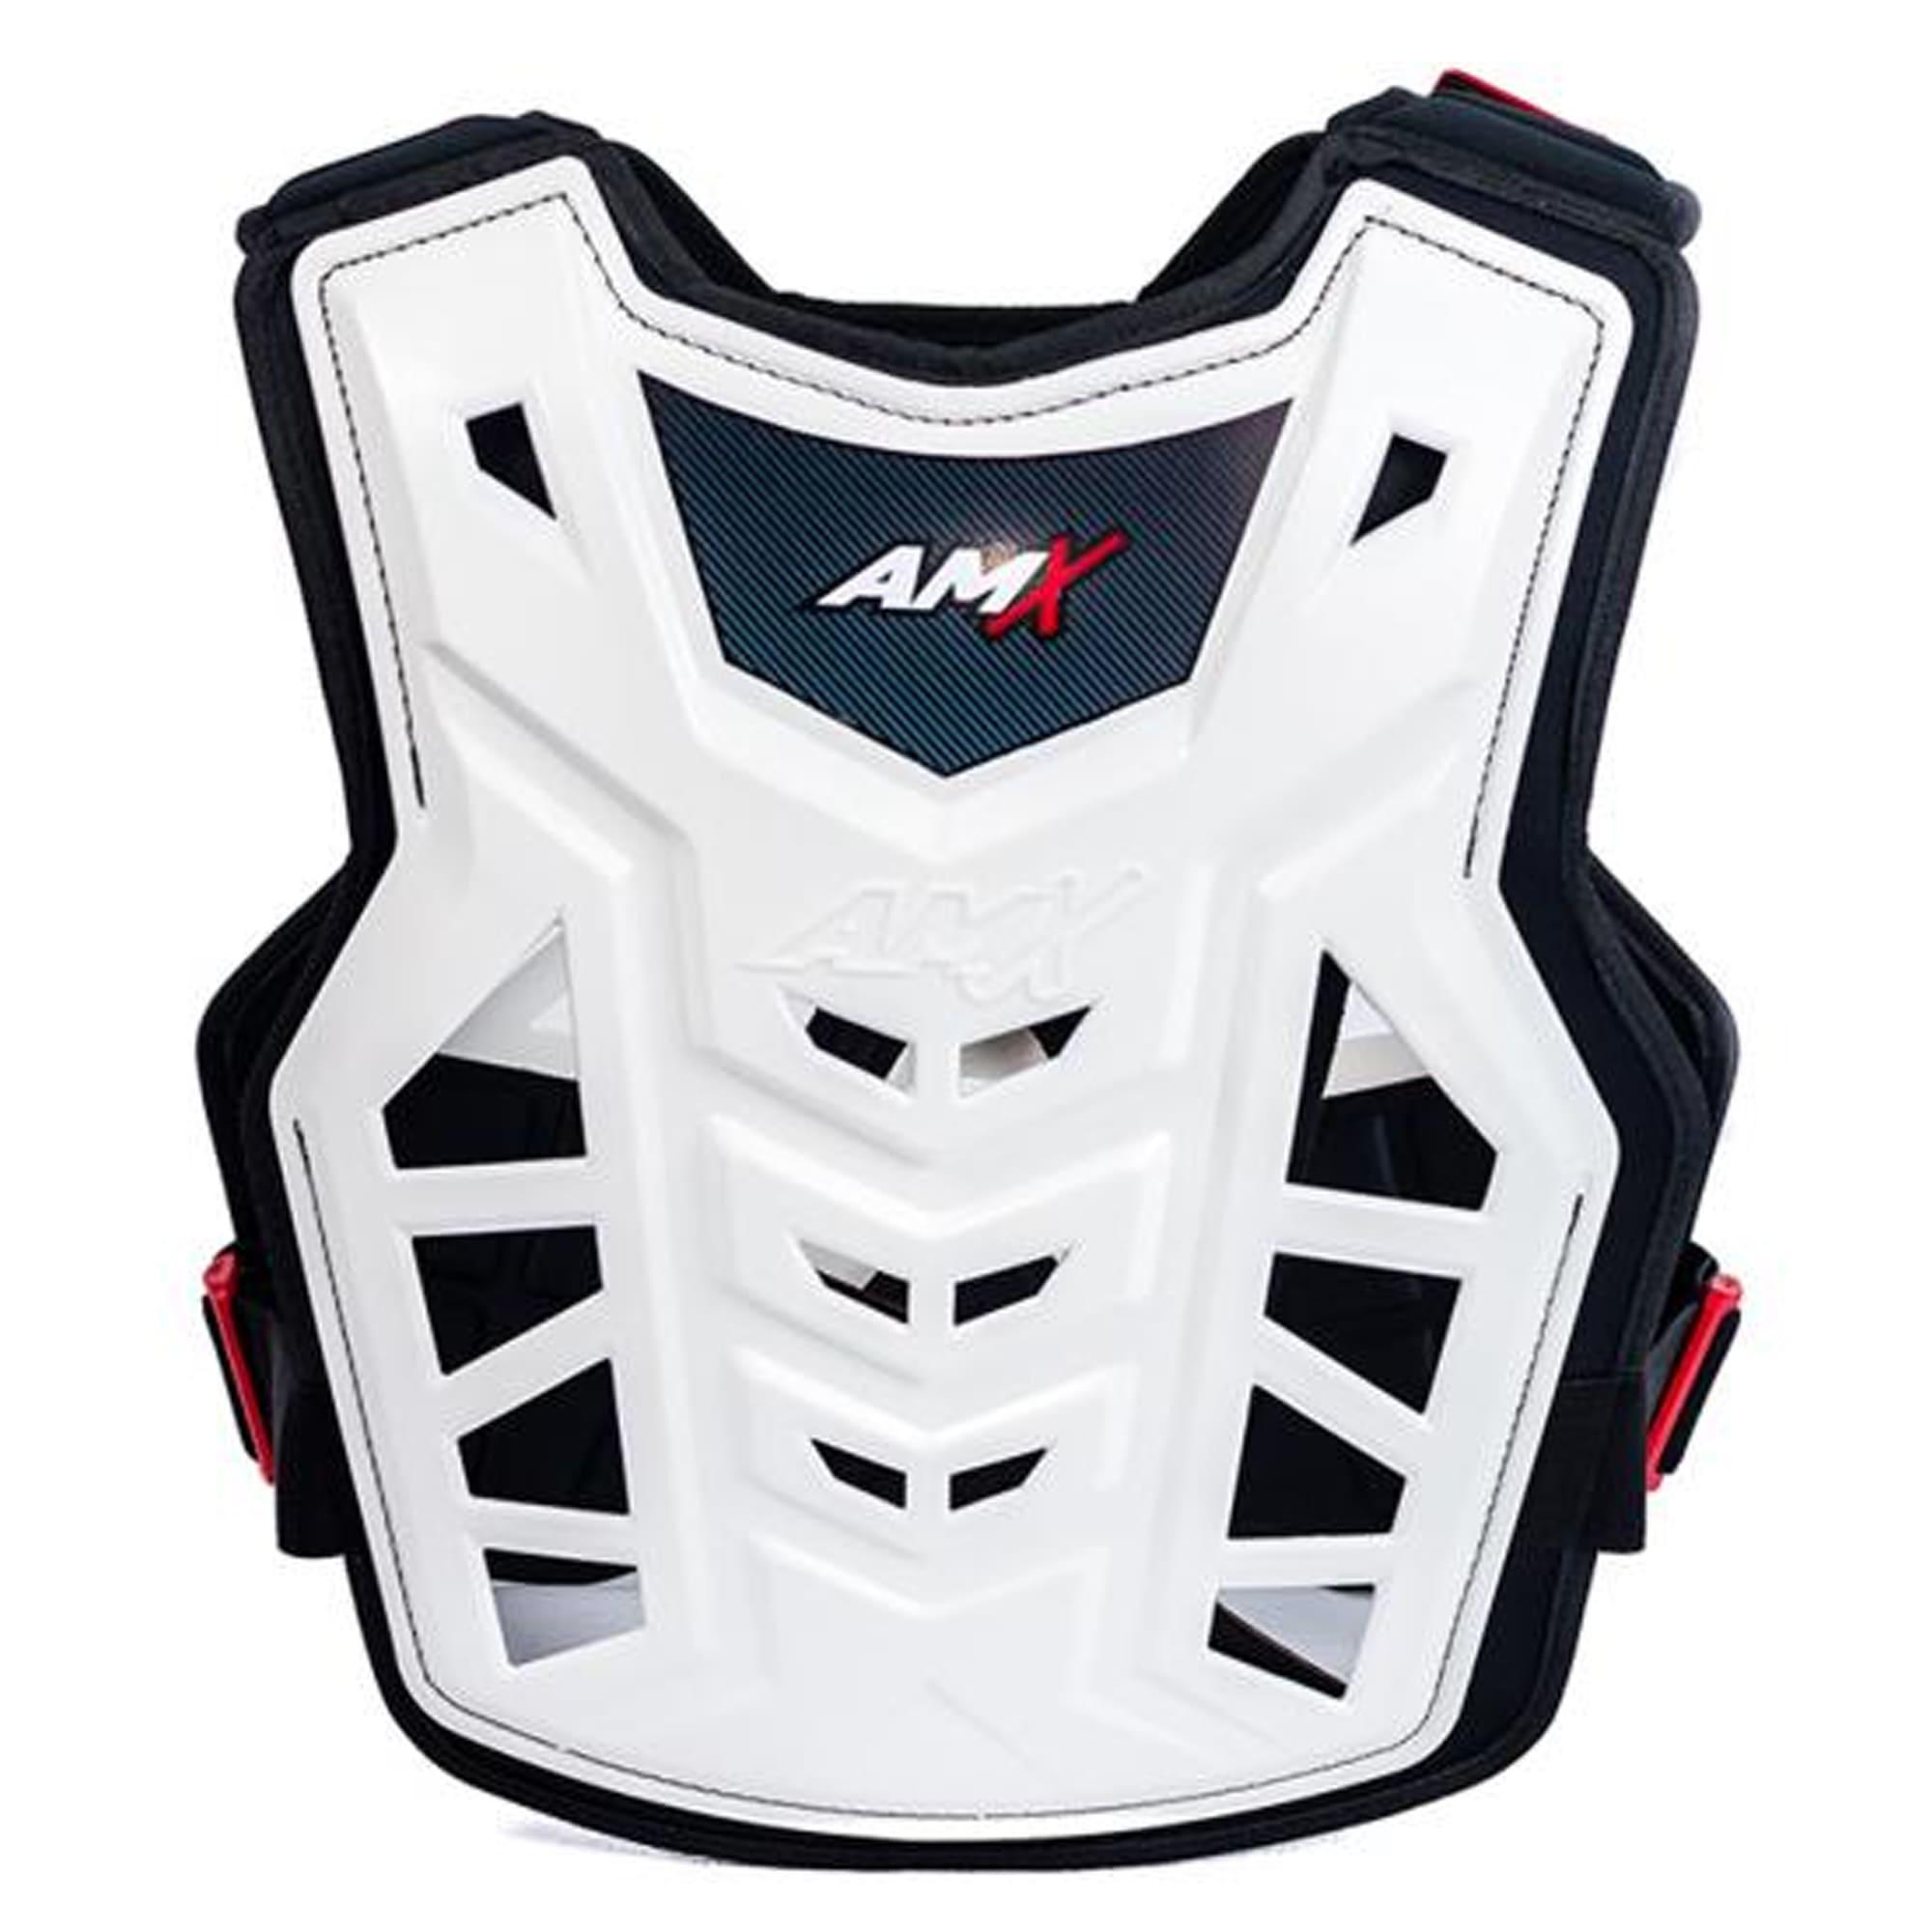 Colete AMX Control  - HP Race Off Road